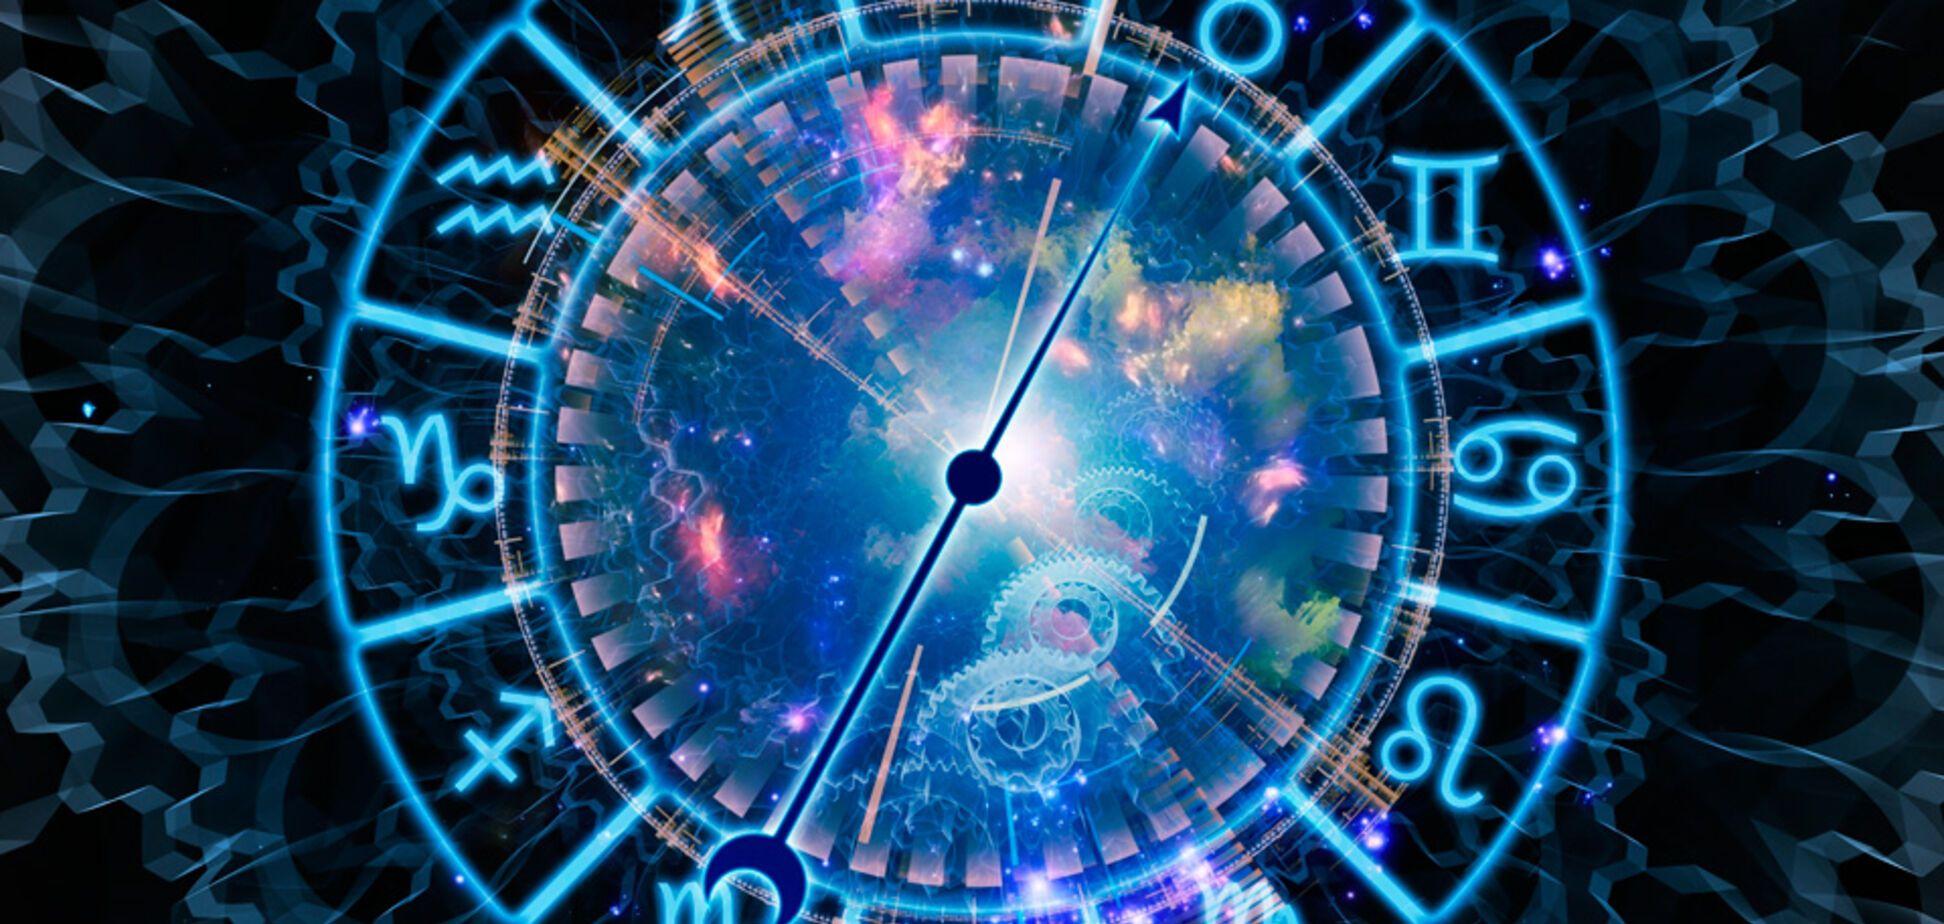 Гороскоп здоровья на 25 июня-1 июля по знакам Зодиака: что подготовила неделя